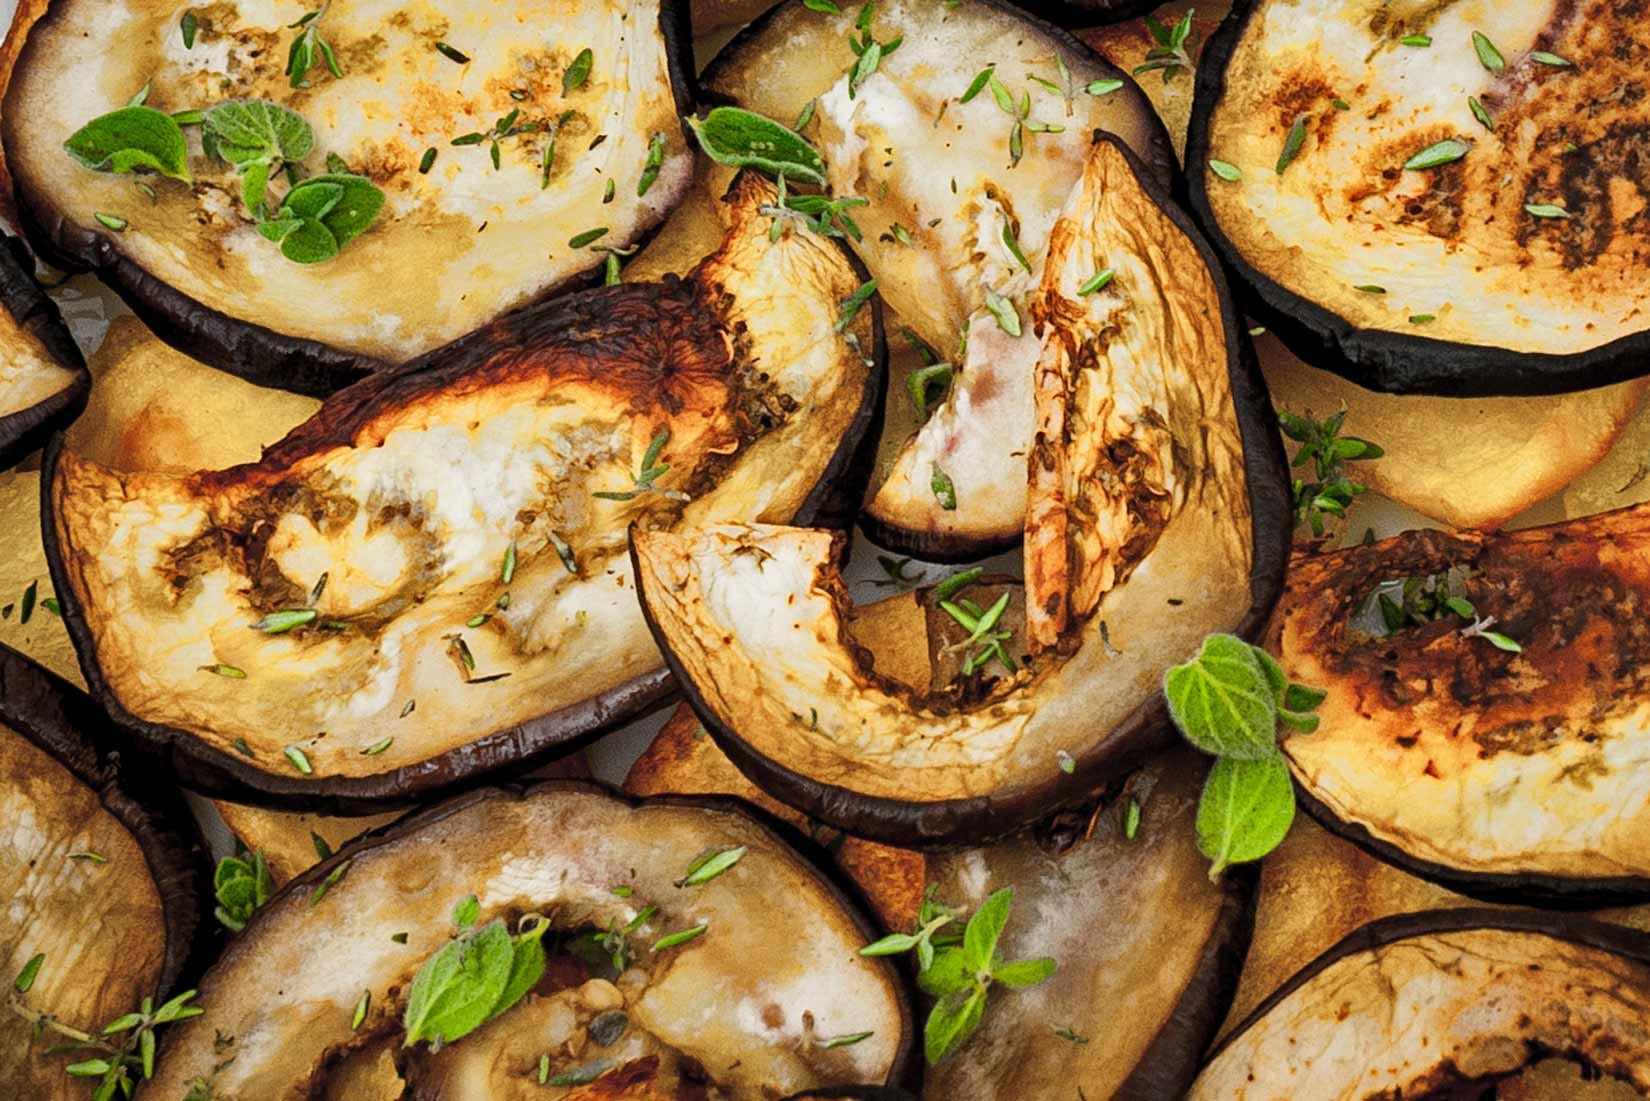 Čerstvé bylinky - oregano a tymián - dodají musace chuť Řecka